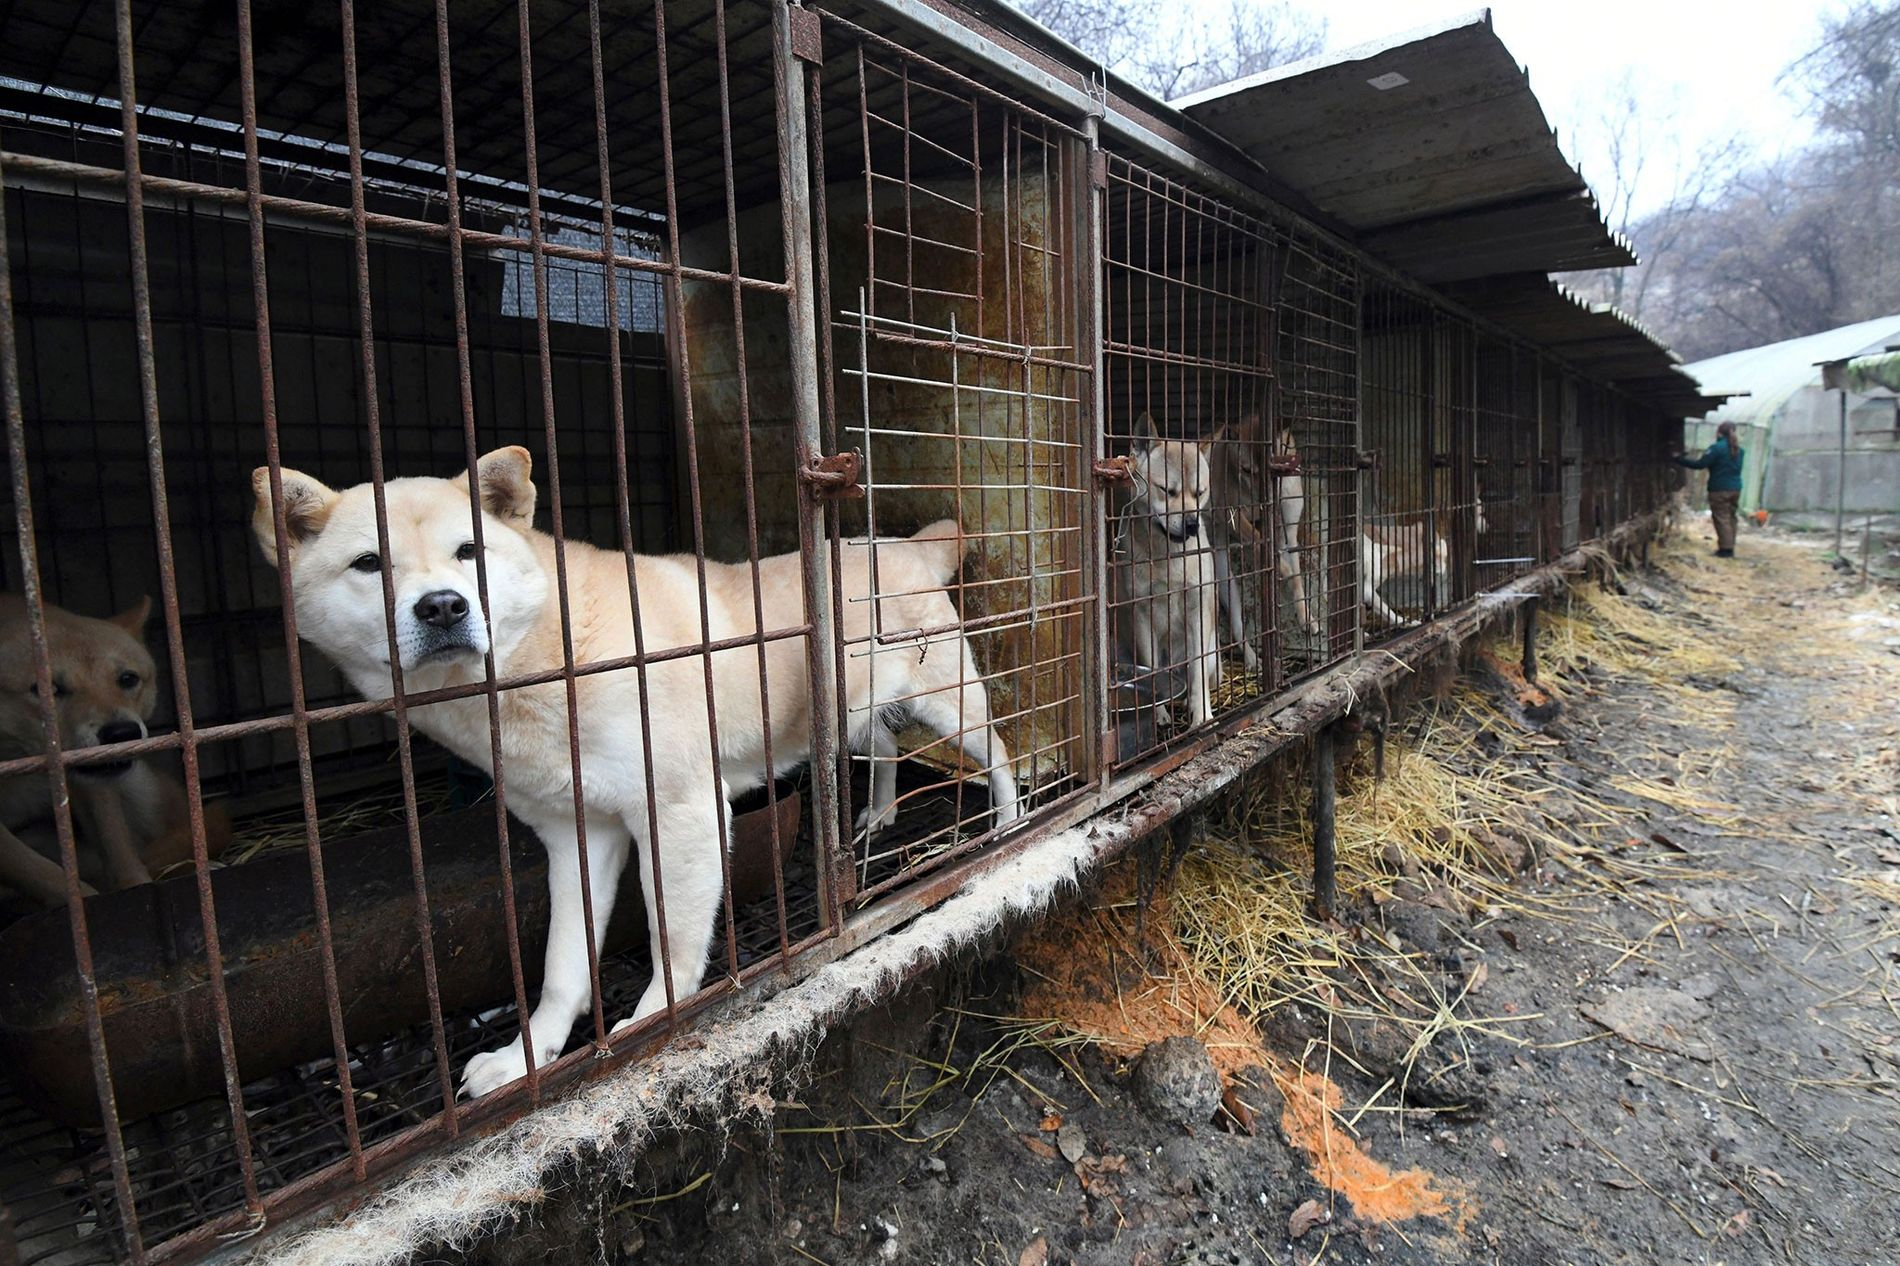 Südkorea verbietet das Töten von Hunden für den Verzehr